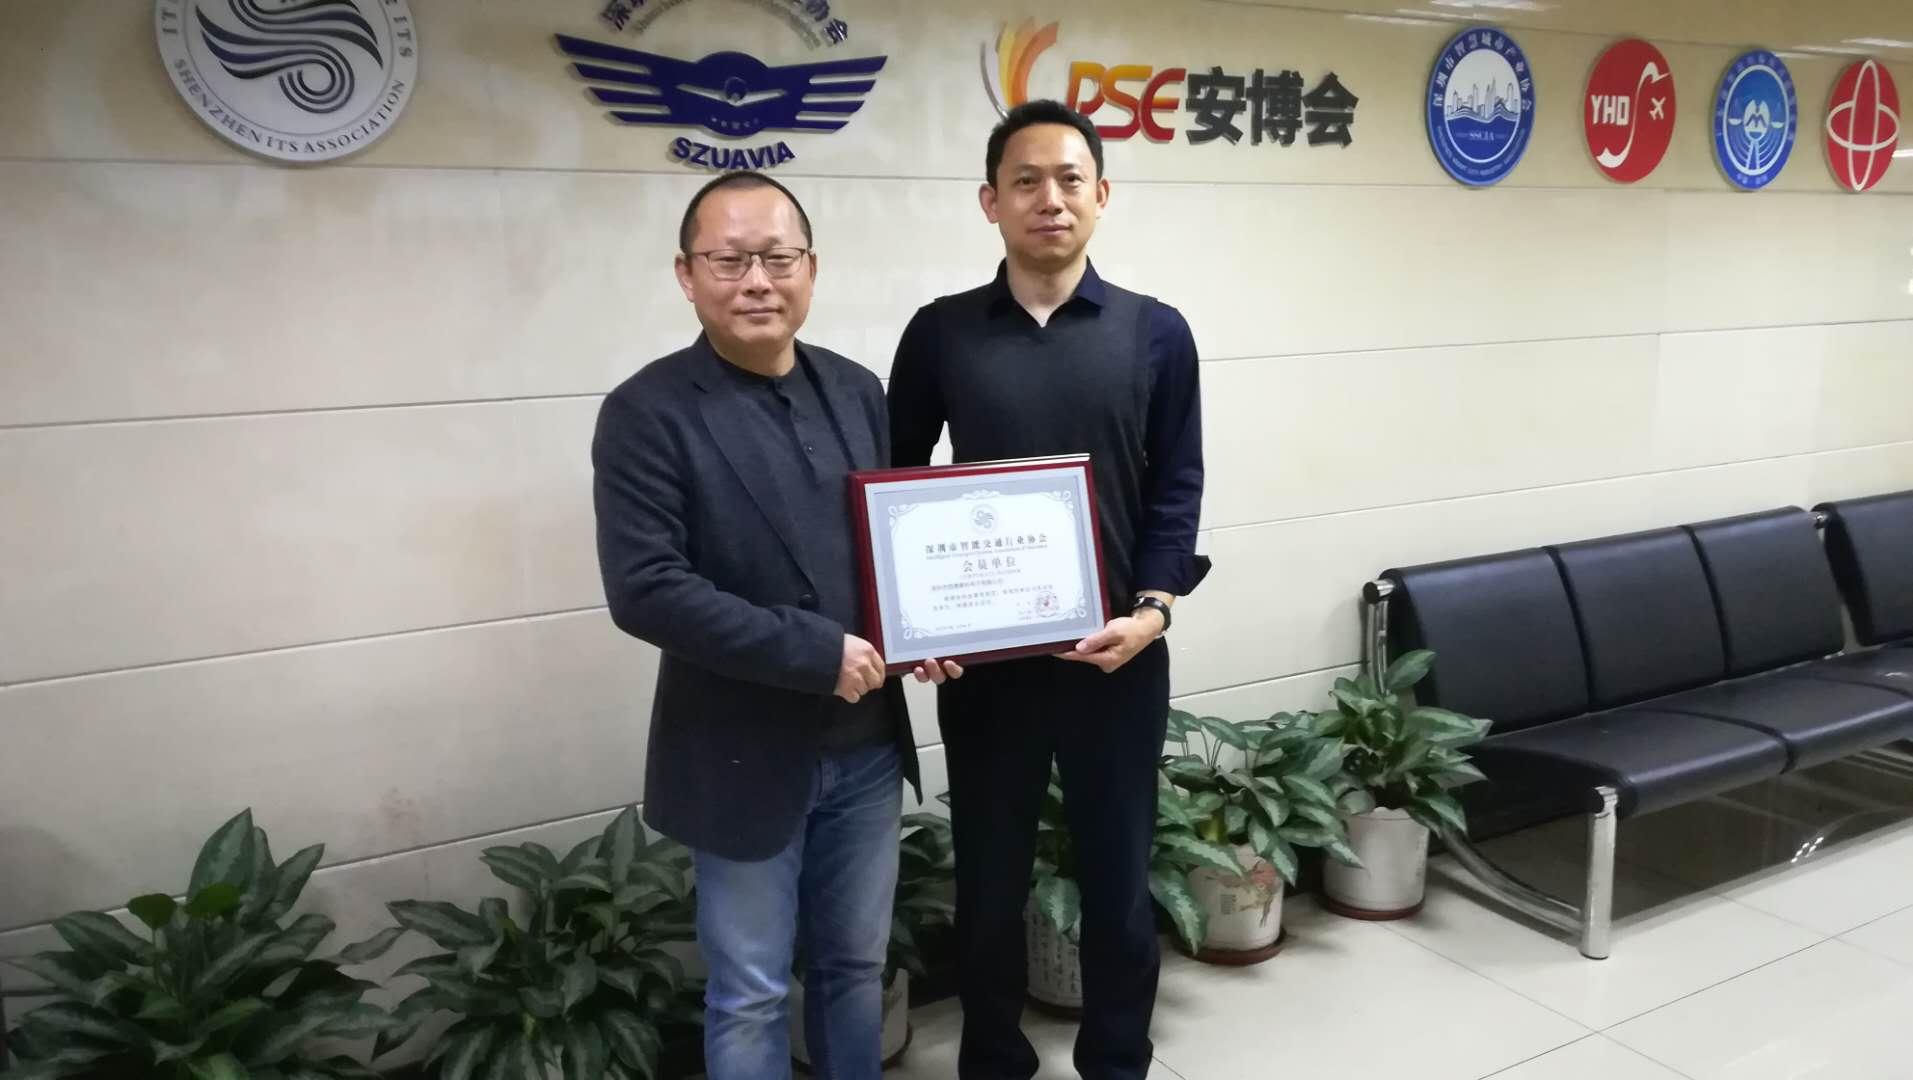 西博泰科加入深圳市智能交通行业协会